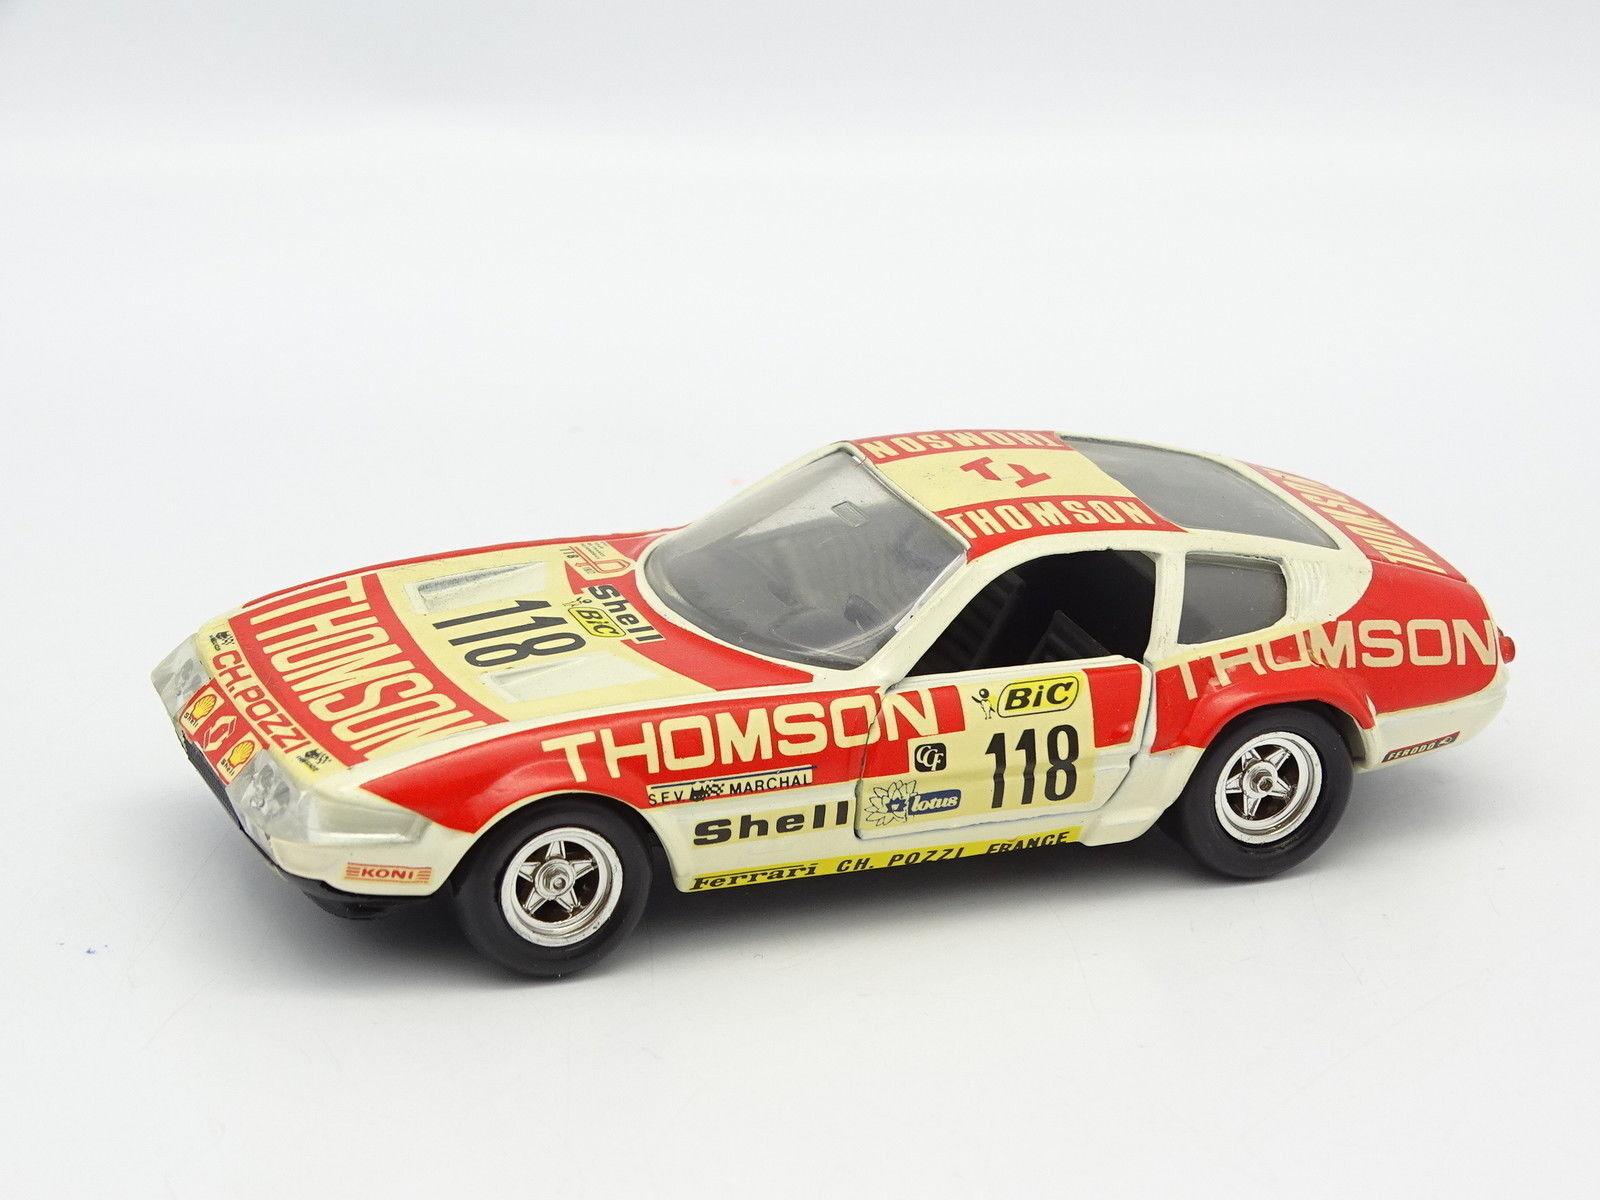 Solido Solido Solido SB 1 43 - Ferrari 365 GTB4 Thomson No118 e3c6e3